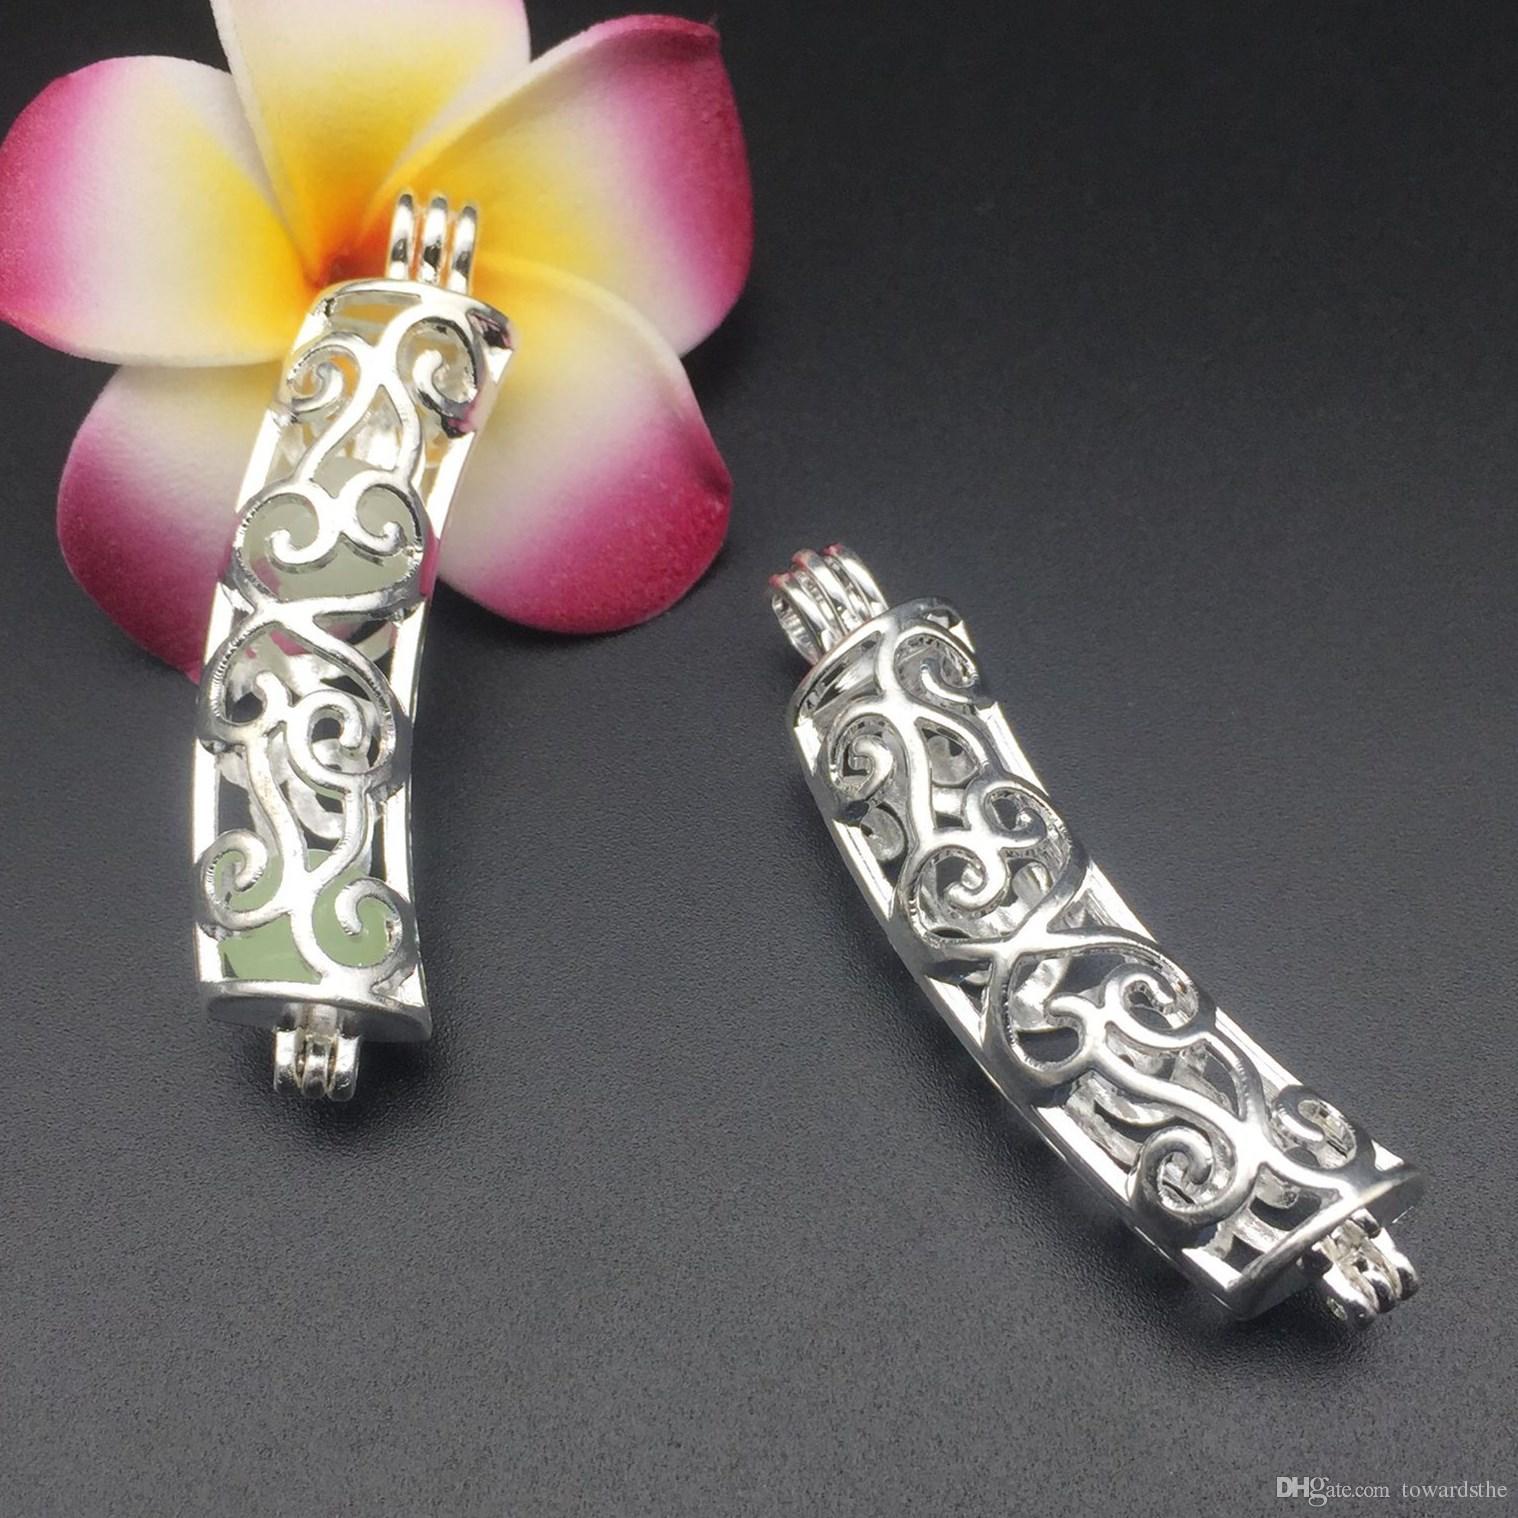 Perle Käfig Halskette Anhänger, ätherisches Öl Diffusor, Biegerohr bietet Versilberung plus Ihre eigene Perle macht es attraktiv